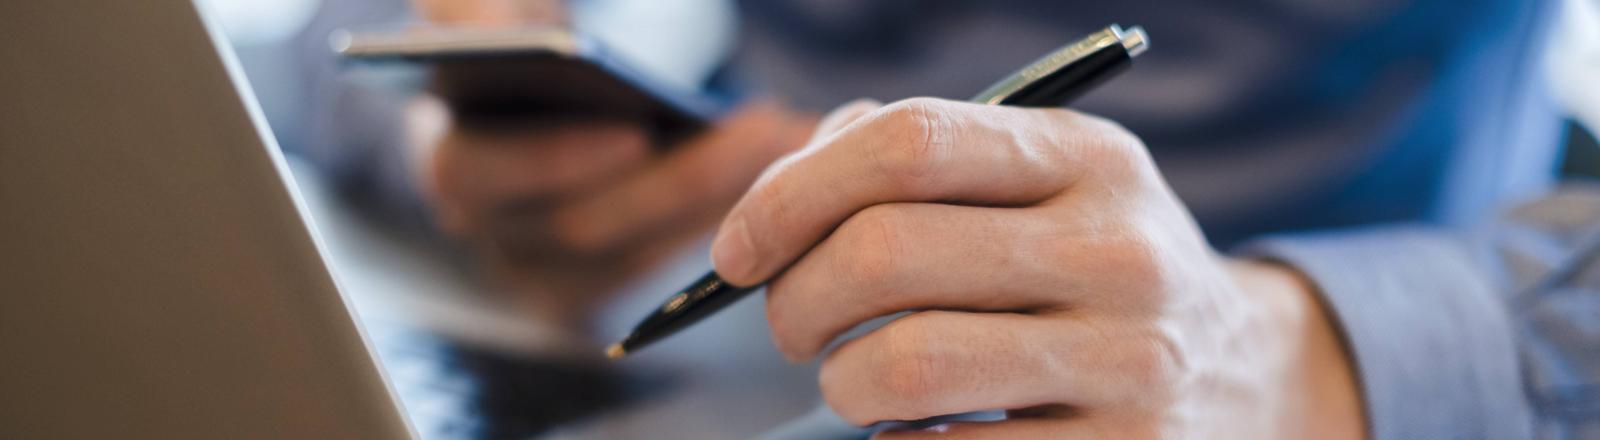 Ein Mann sitzt vor seinem Laptop und hält in der Linken Hand einen Kugelschreiber und mit der rechten sein Smartphone